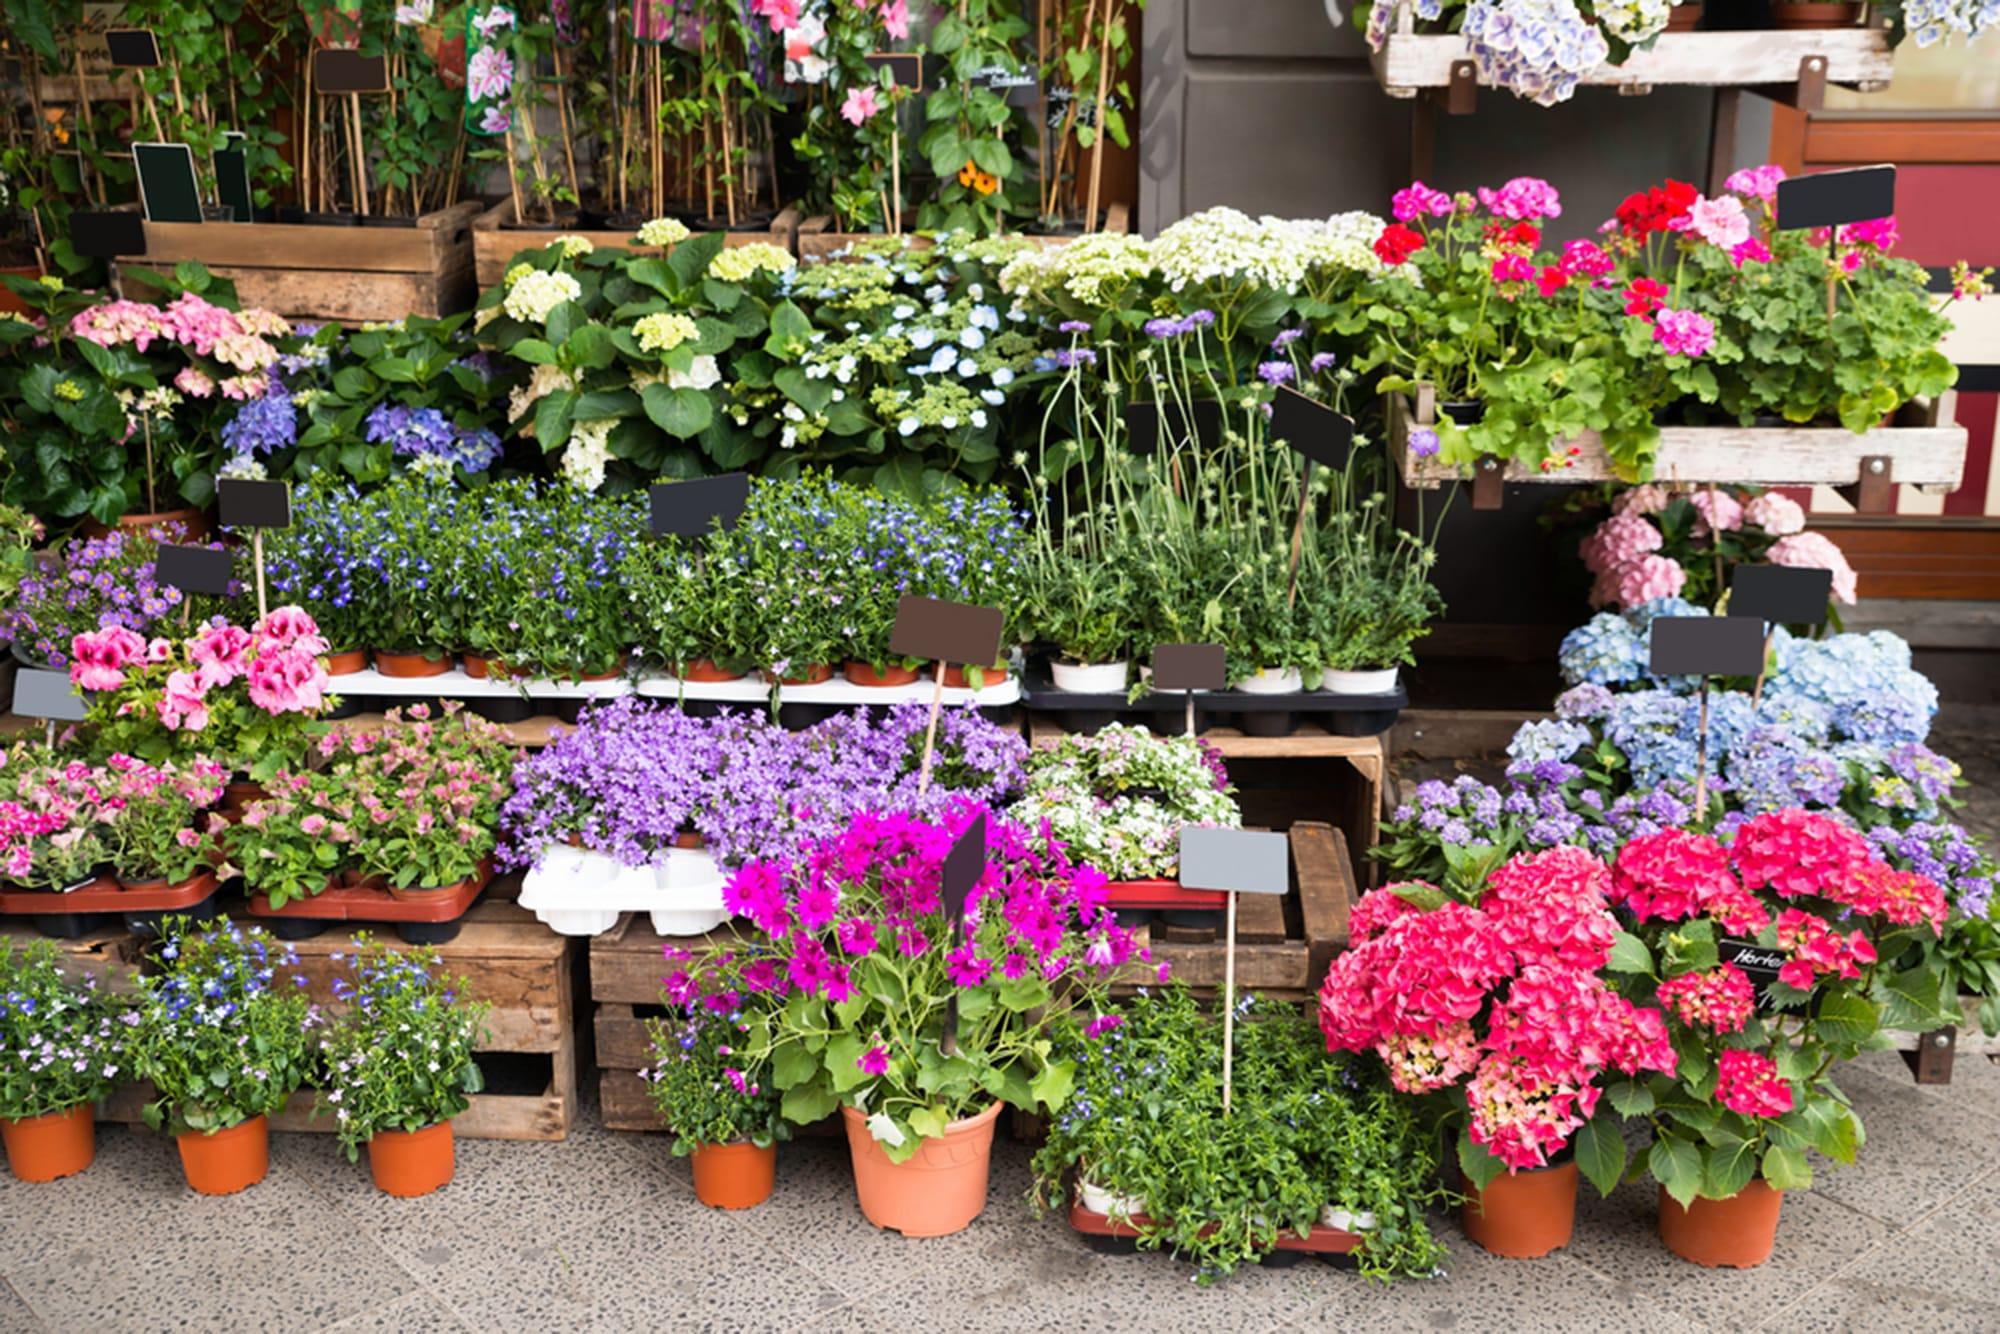 Norfolk Botanical Garden Plant Sale - AskHRGreen